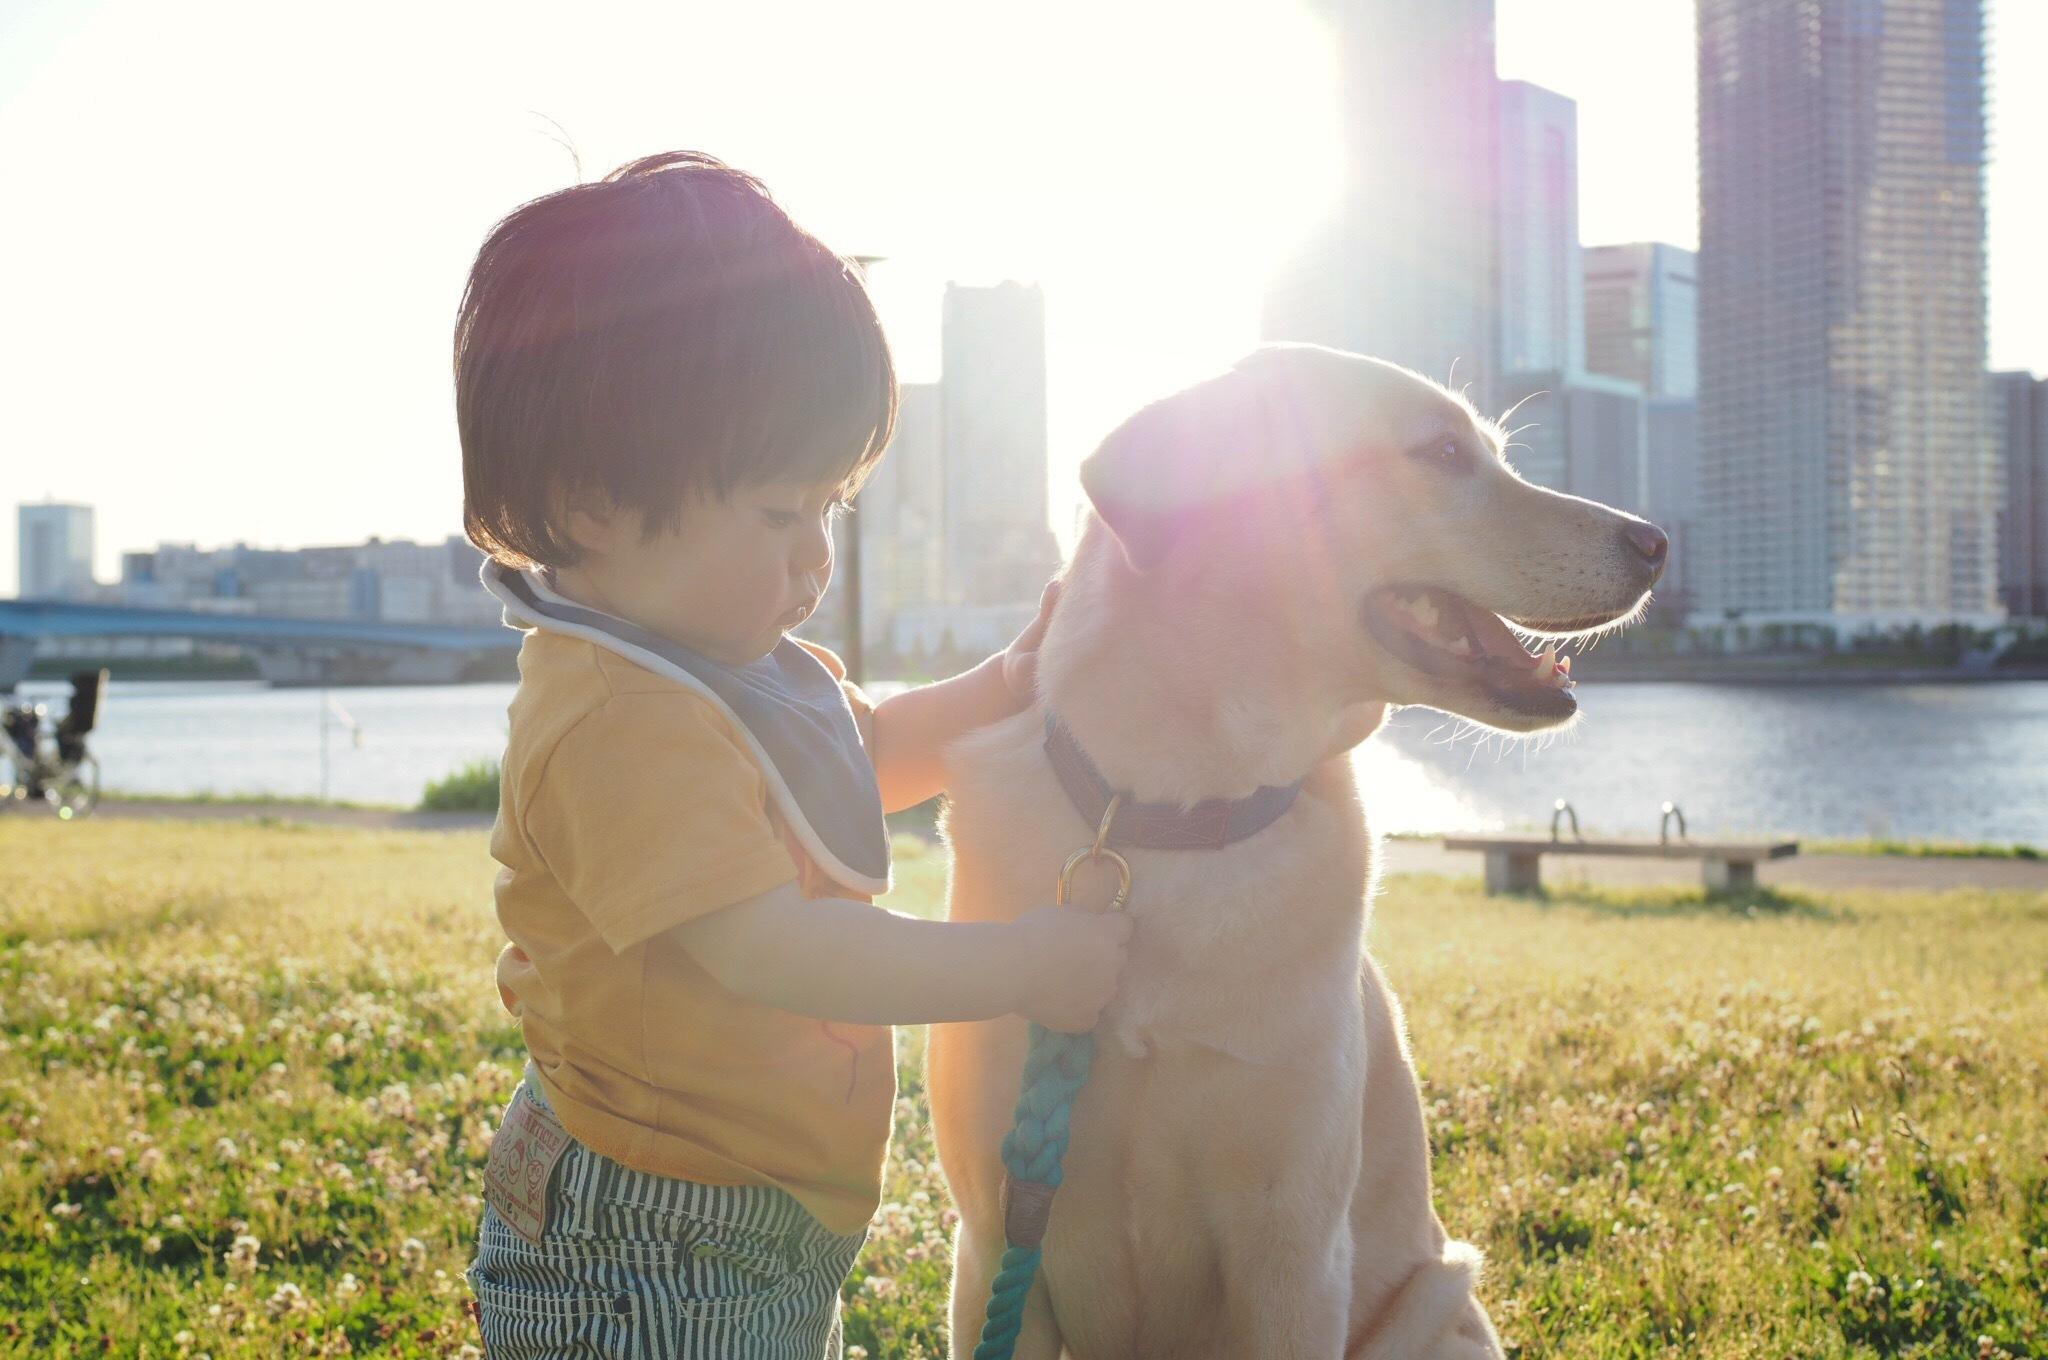 赤ちゃんと犬 子供と犬 赤ちゃんと大型犬 仲良し